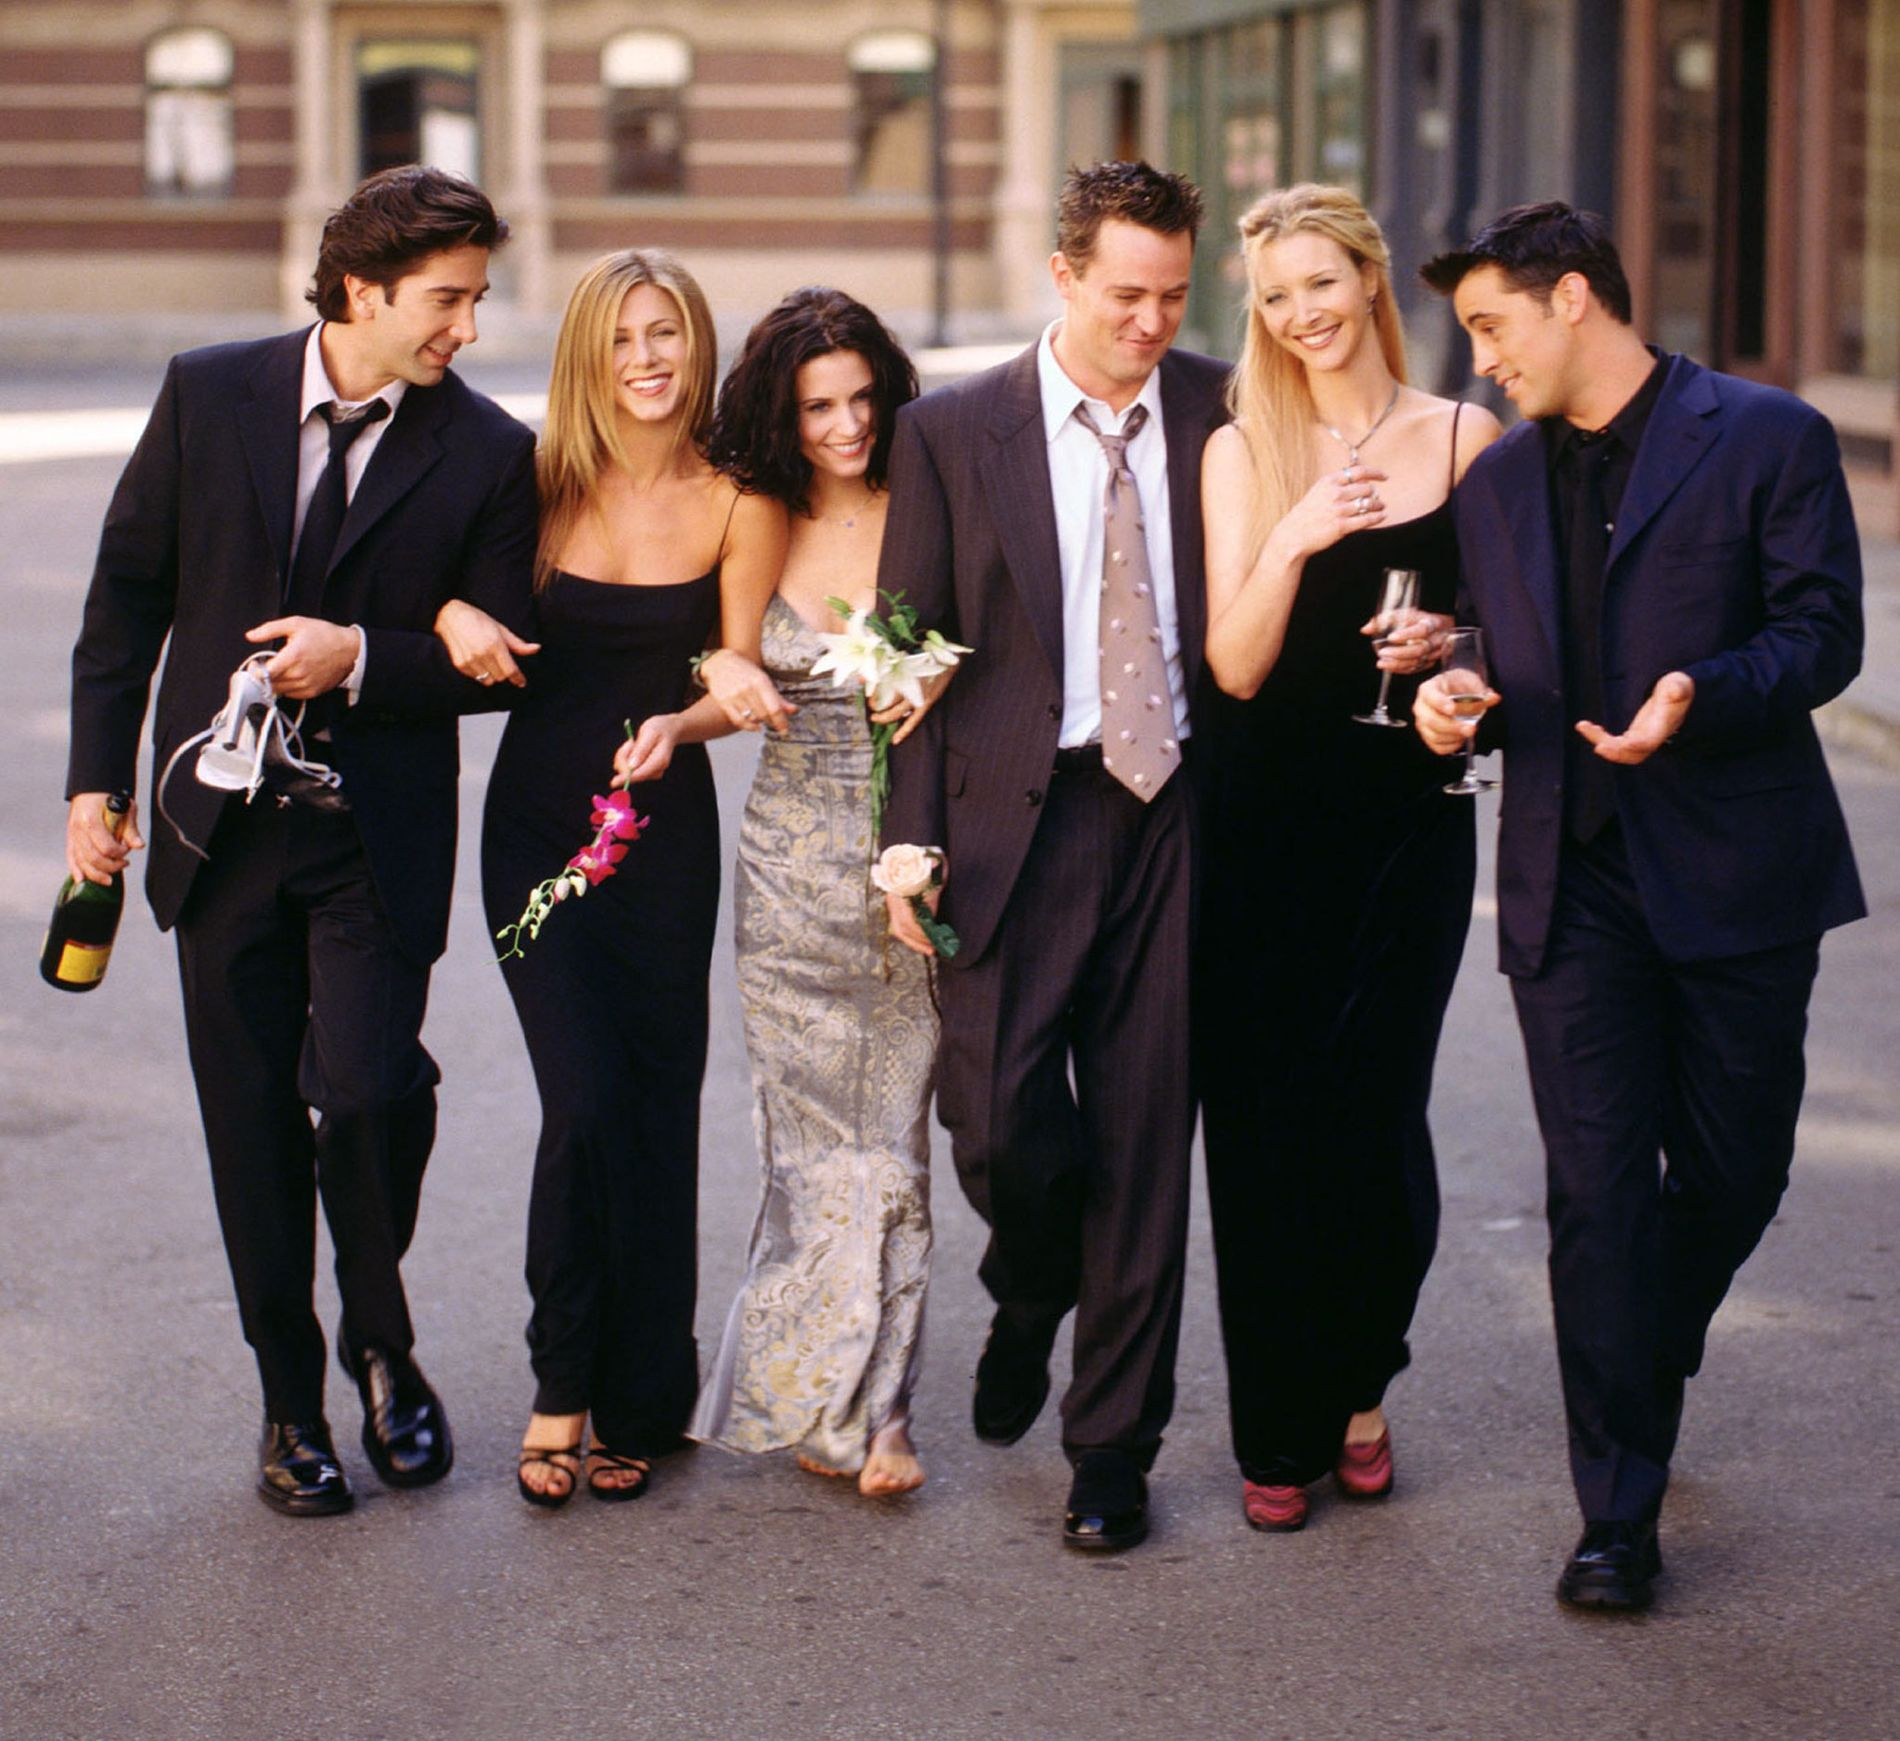 Skuespillerne bak seersuksessen «Friends». 18 år etter at dette bildet ble tatt, er ikke Aniston helt fremmed for en relansering.